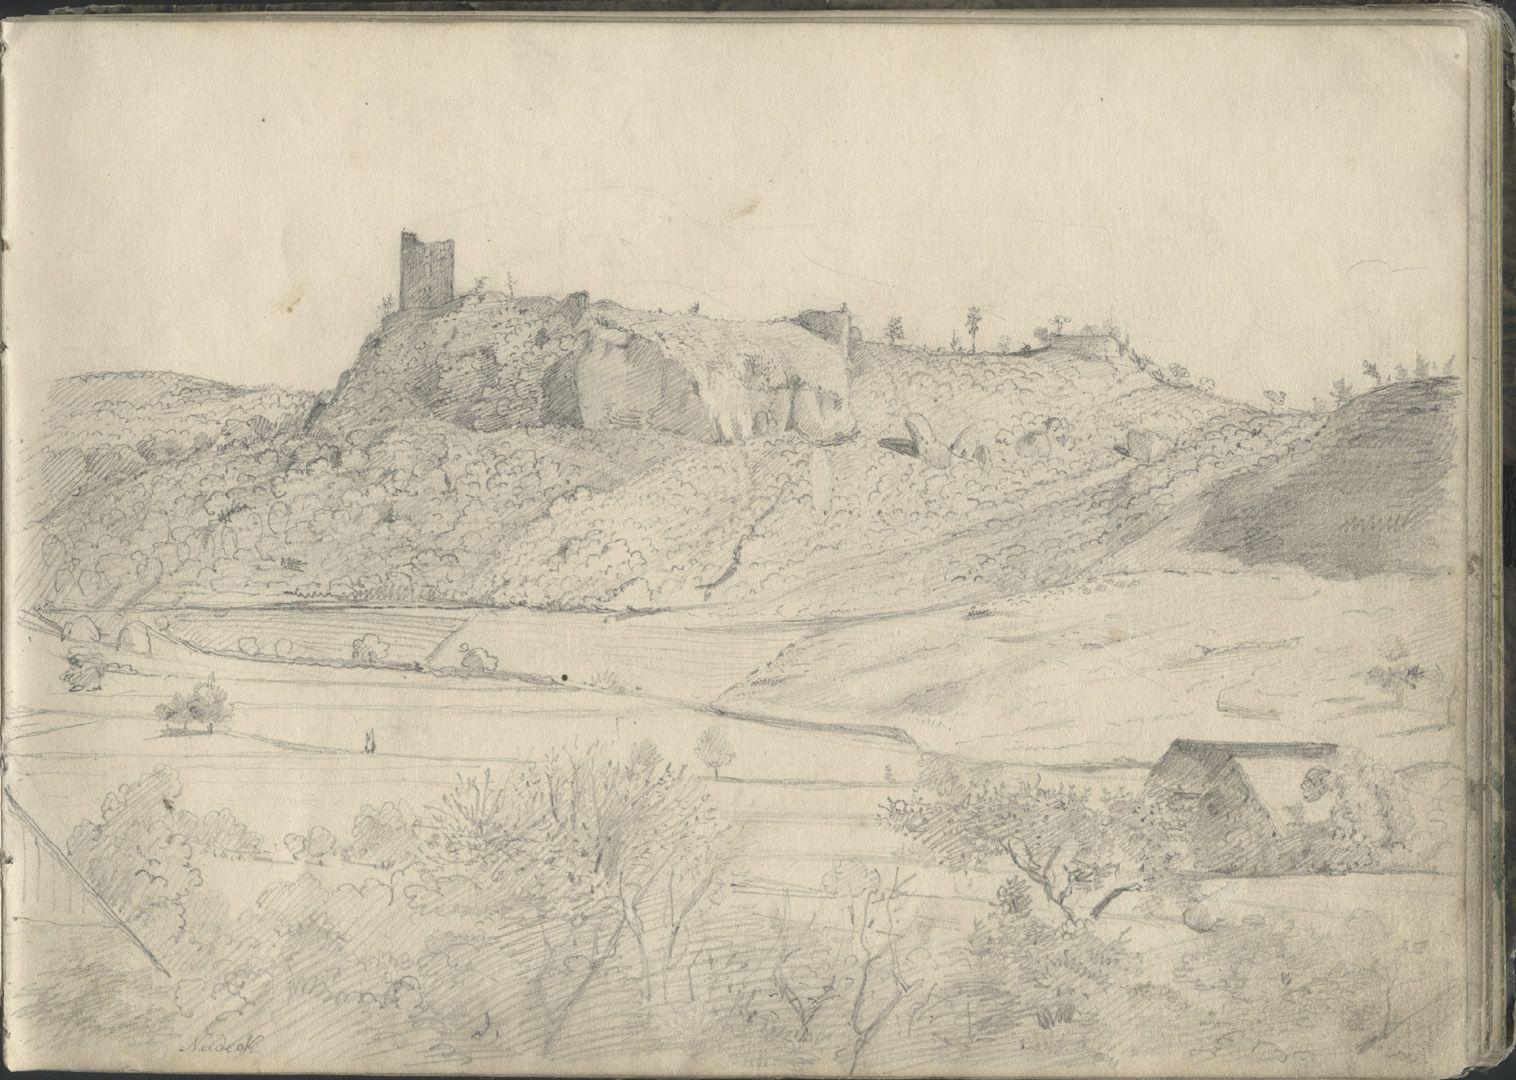 Sketchbook with views of Streitberg and Neideck / incl. Hallerweiherhaus in Nuremberg Neideck